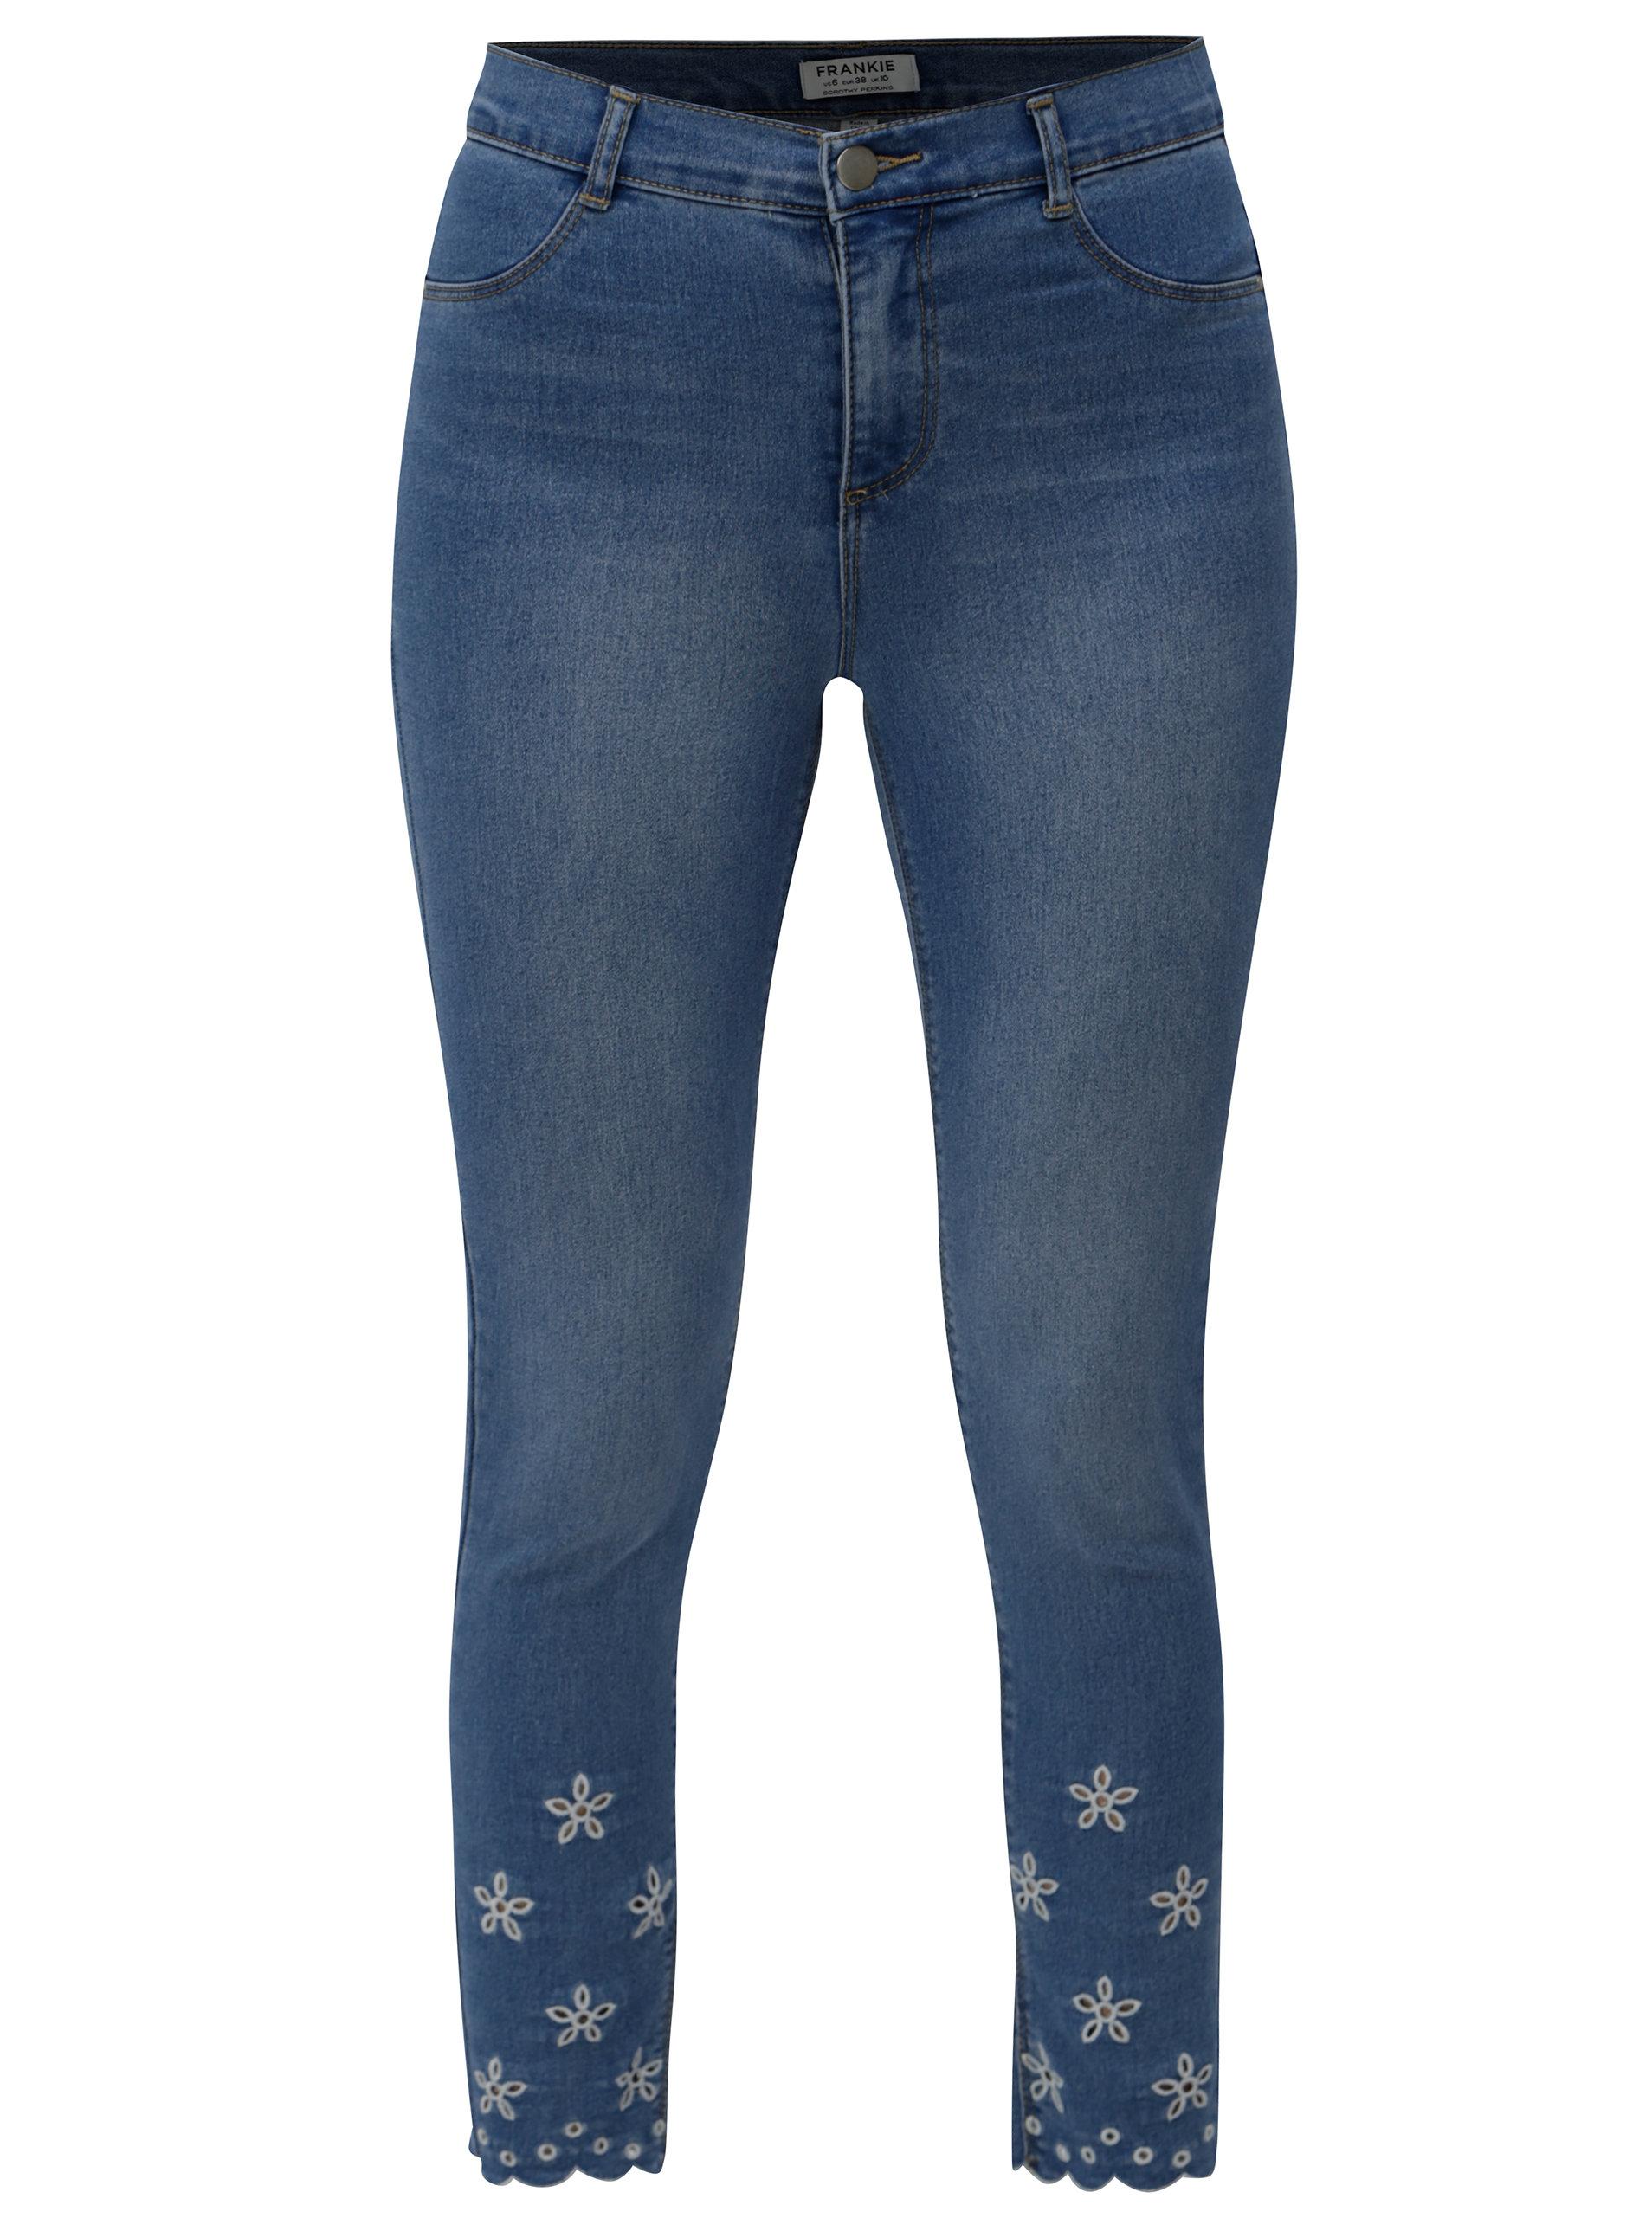 7e2a7ce5aa1 Modré zkrácené skinny džíny s průstřihy na nohavicích Dorothy Perkins  Frankie ...